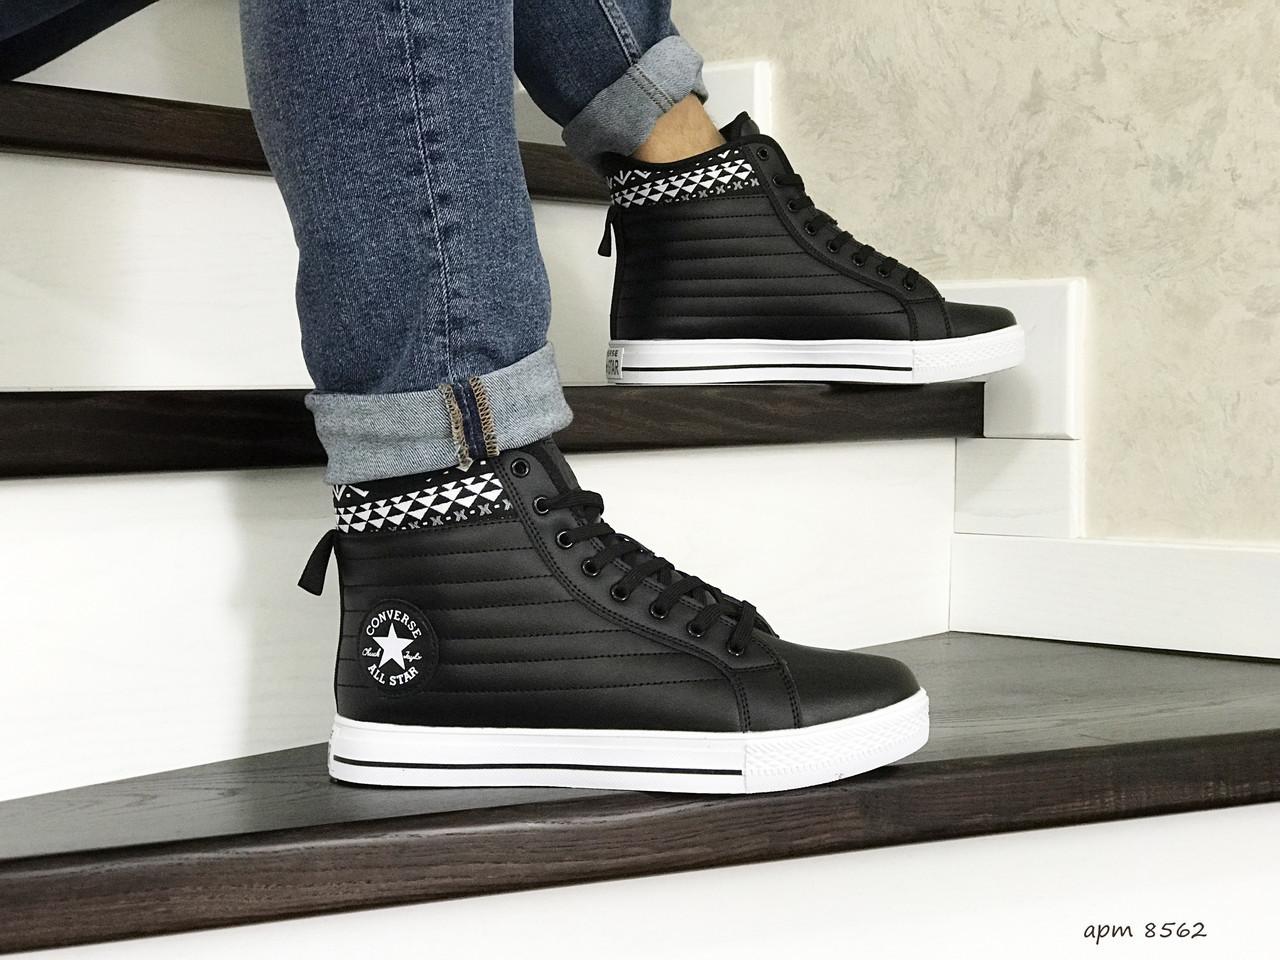 Мужские высокие кроссовки (термо) Converse All Star,черно-белые 44,46р